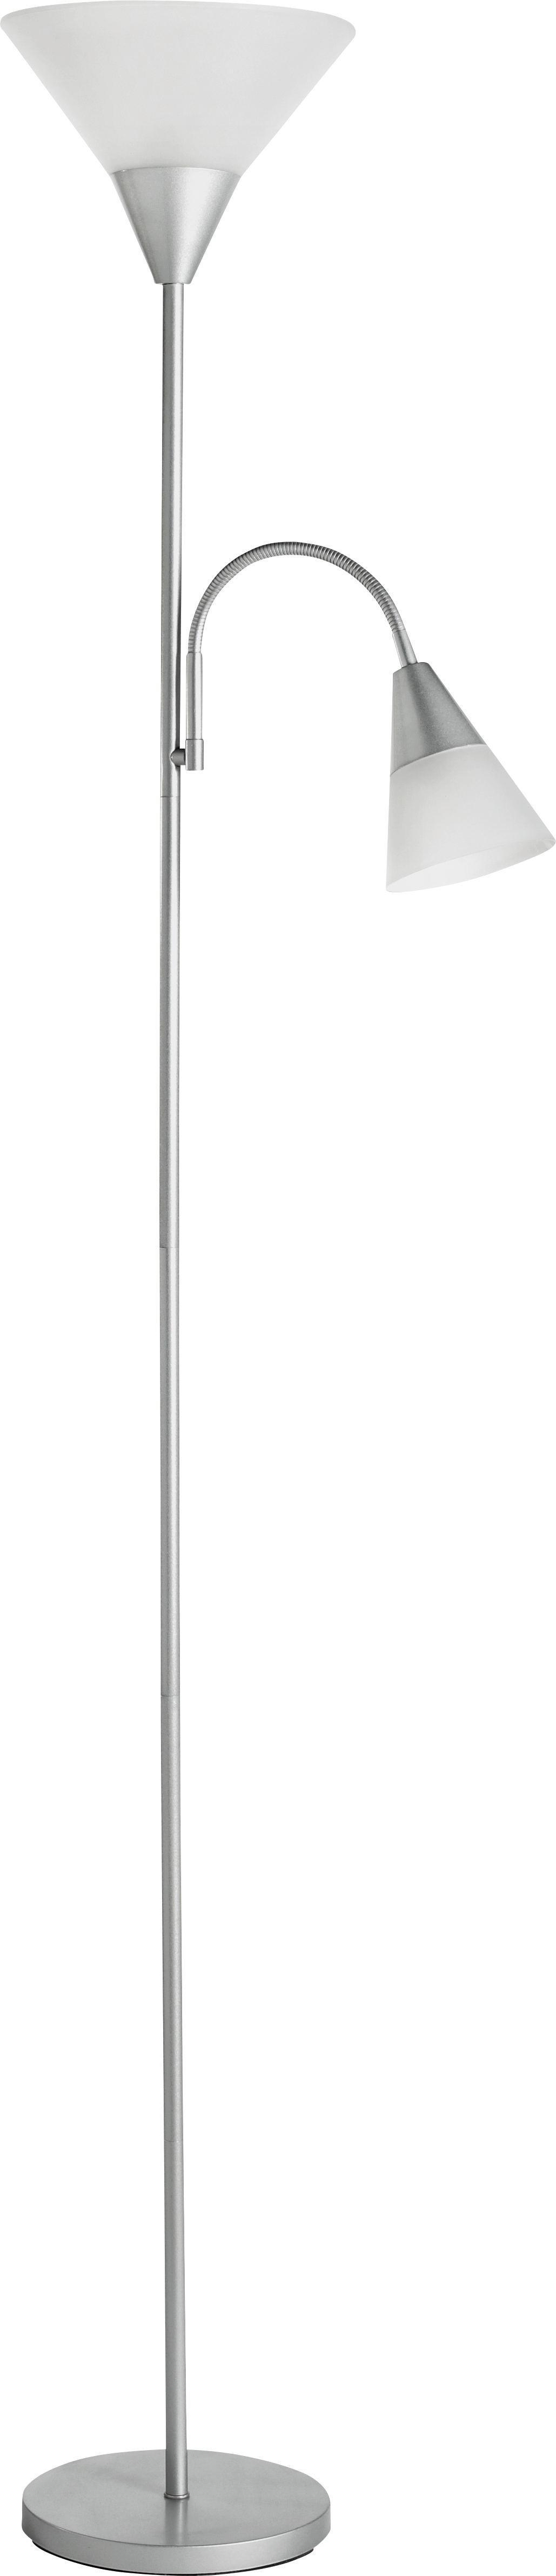 Svjetiljka Podna Filipa - boje srebra, Konvencionalno, metal/plastika (182cm) - HOMEZONE